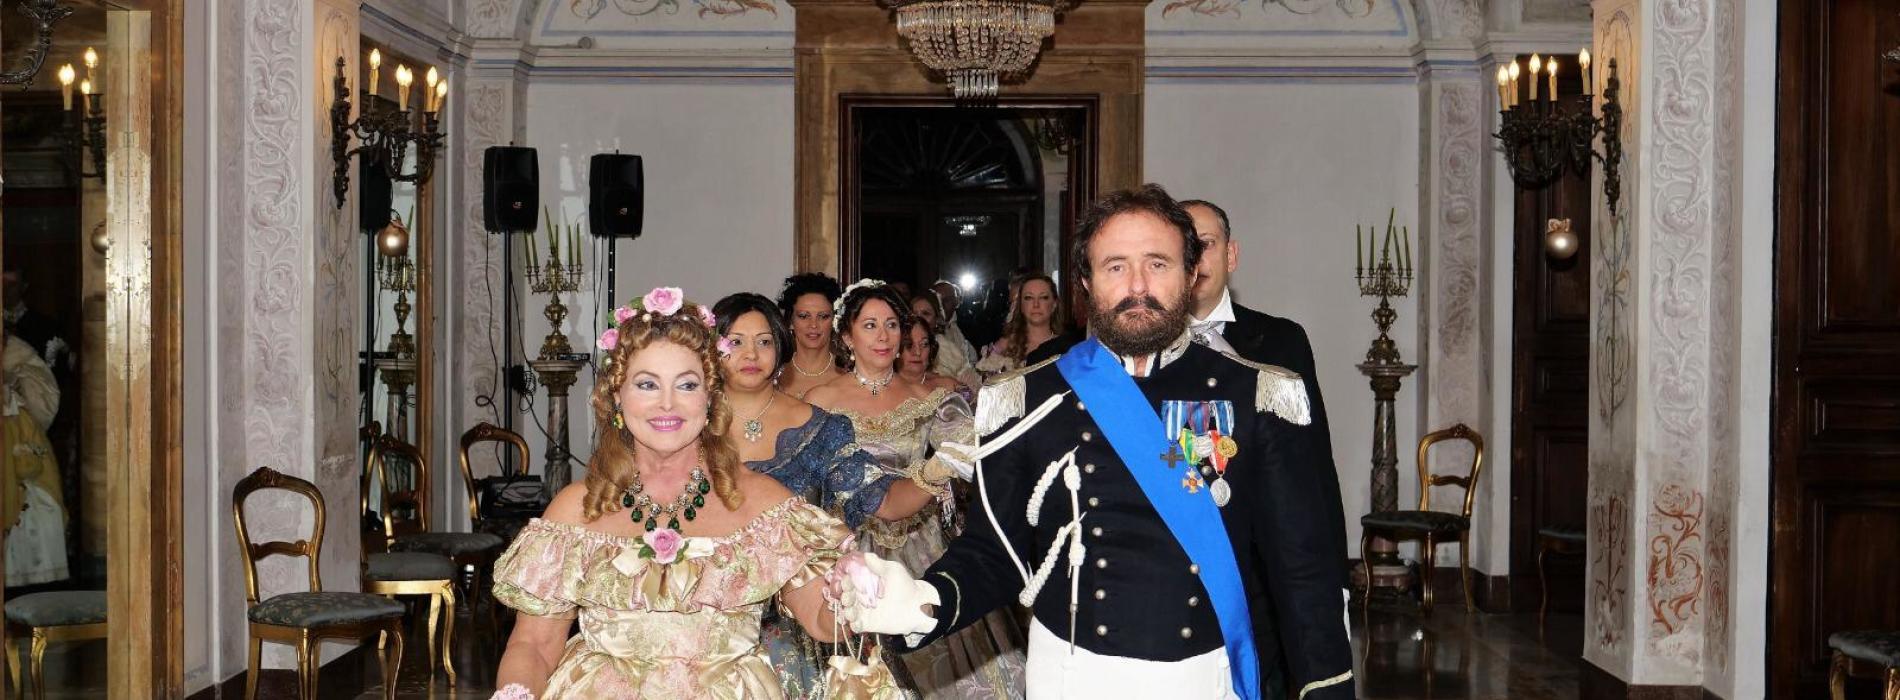 Un valzer tra le Matres, il Gran ballo degli innamorati a Capua